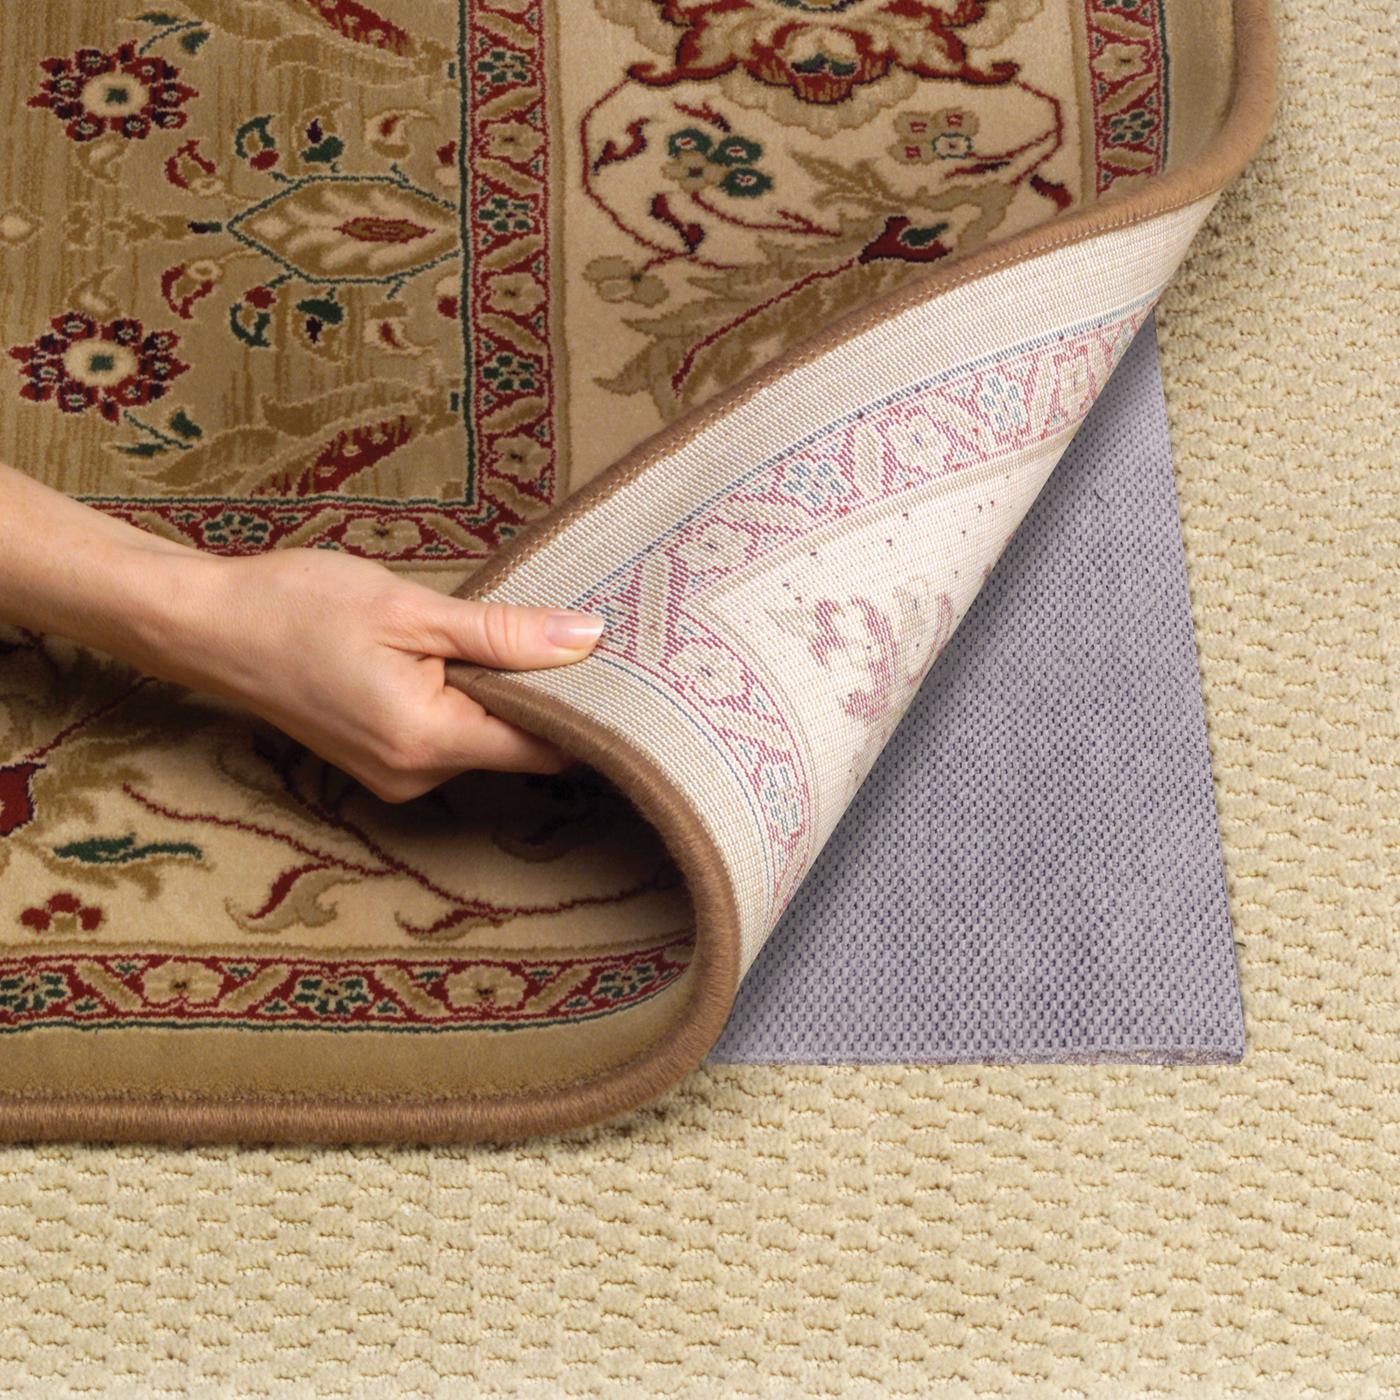 Natural Rubber Rug Pad For Hardwood Floor Over Fiber Color Flower Motive